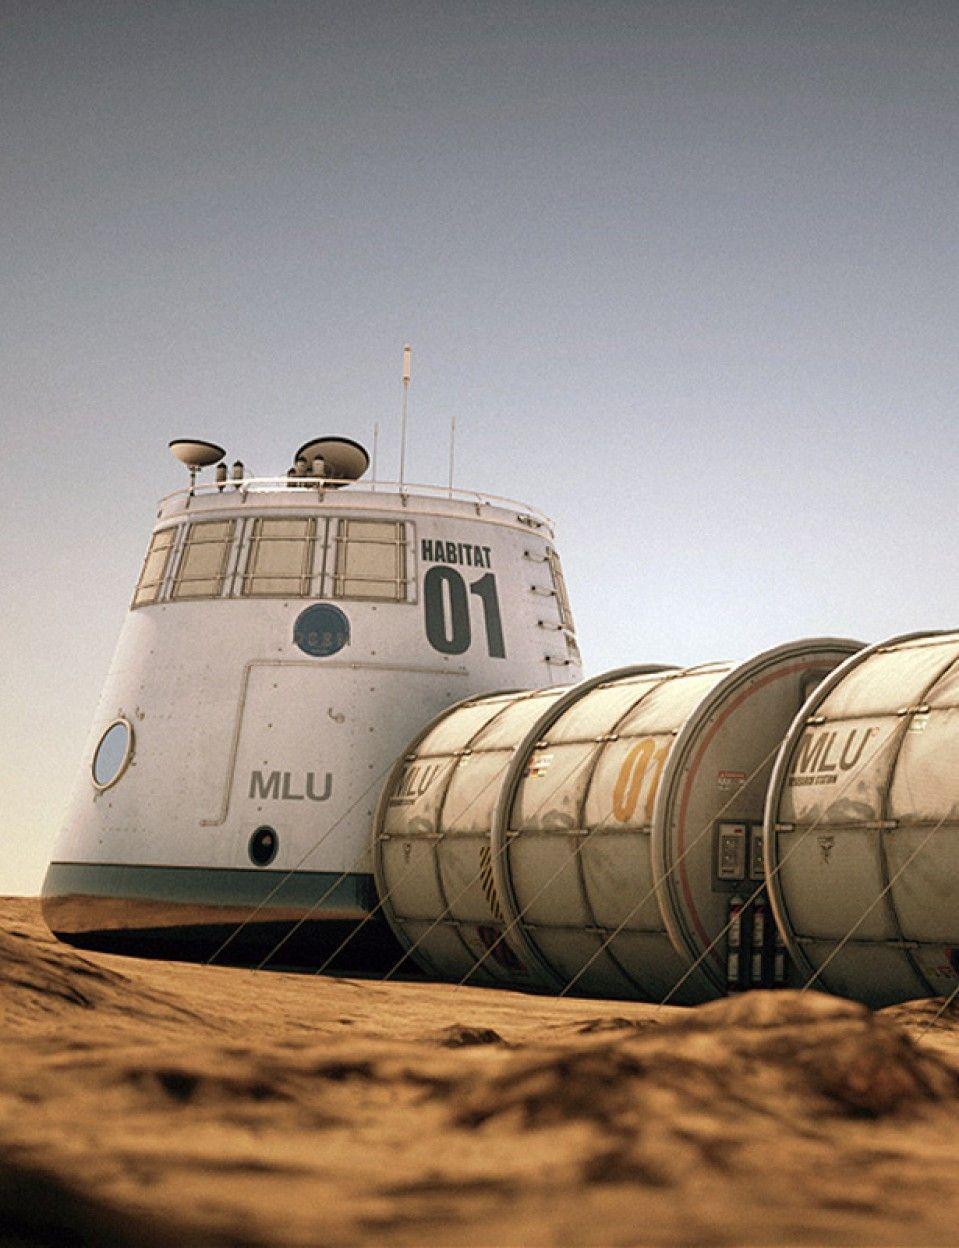 Mars Habitat | Mars space, Mars colony, Space colony